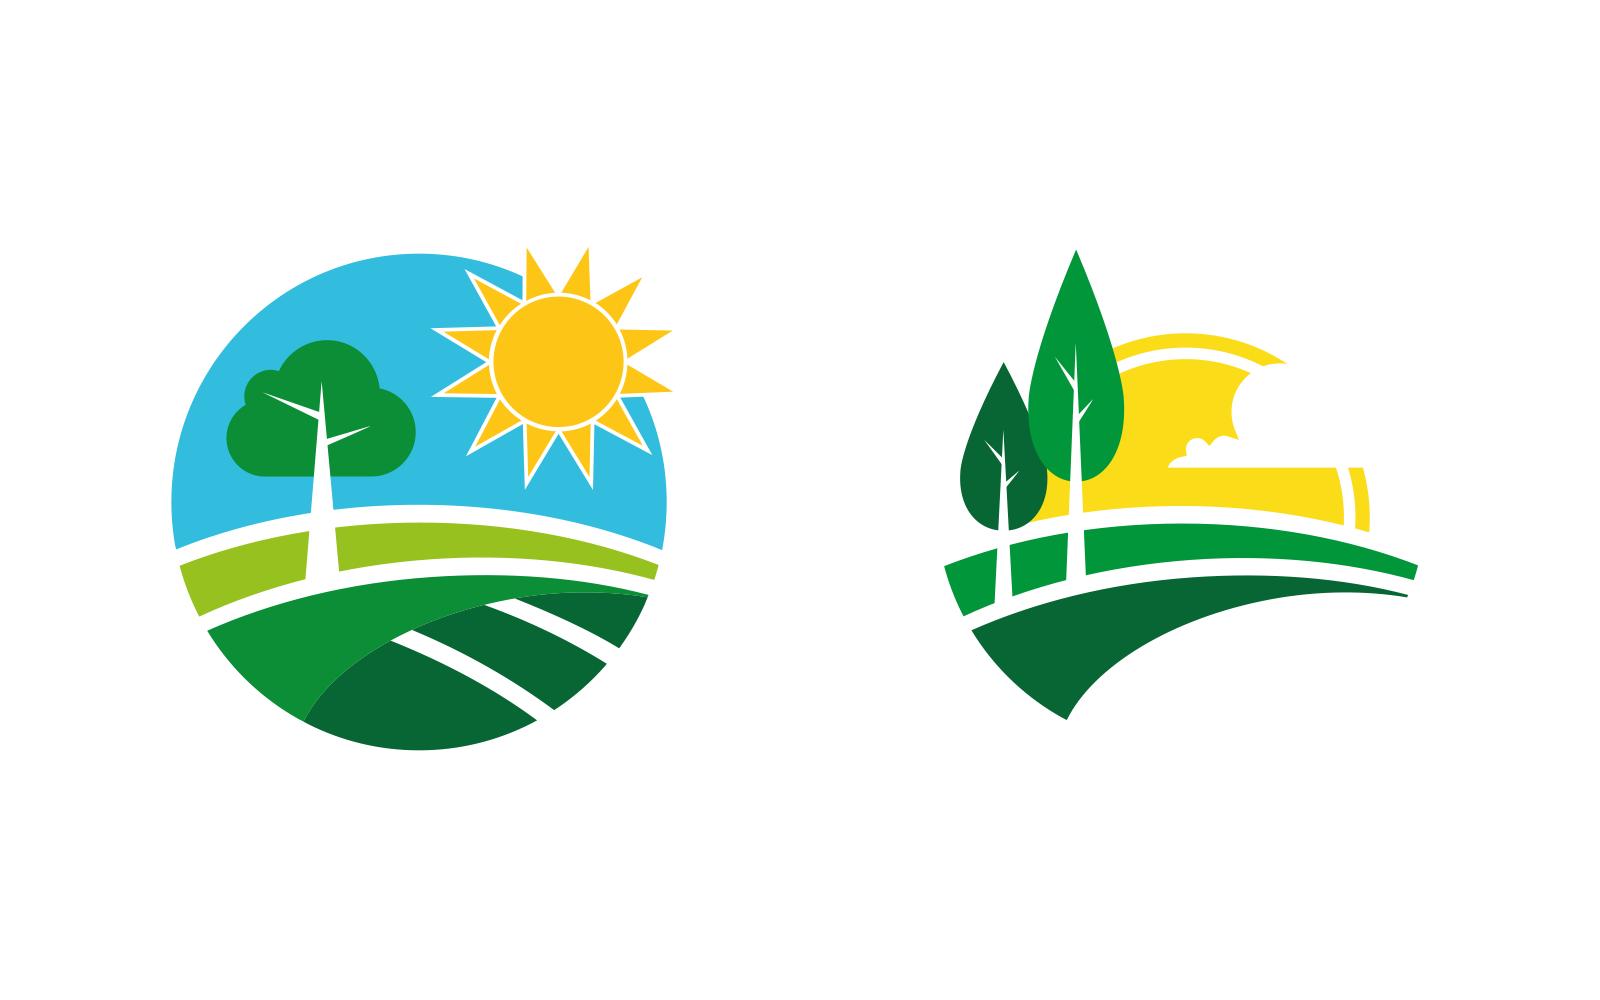 pf-logo-varkenshaas-nl